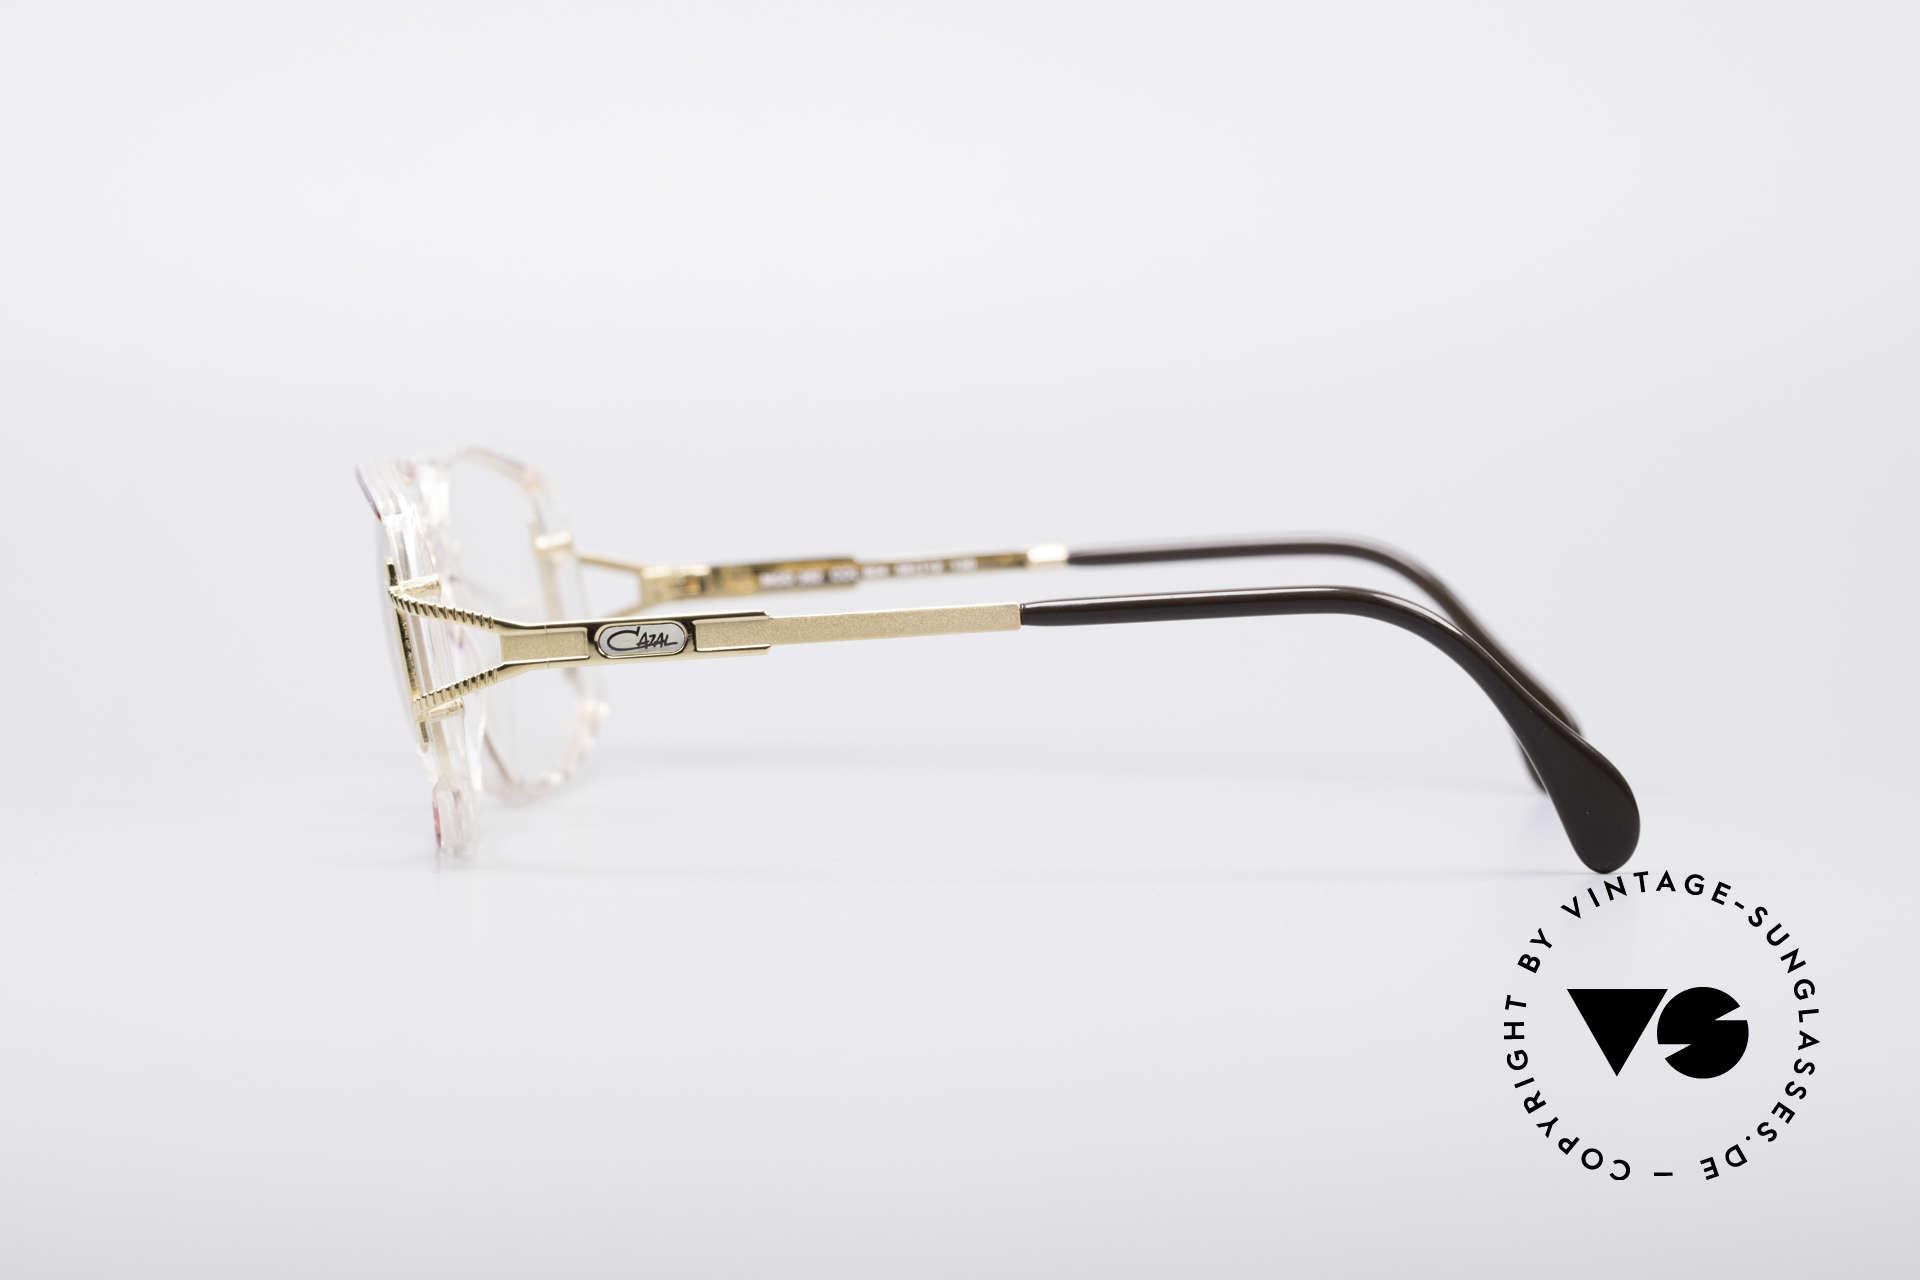 Cazal 362 No Retro 90er Vintage Brille, genaue Farbbezeichnung: fuchsia-pink / kristall, Passend für Damen